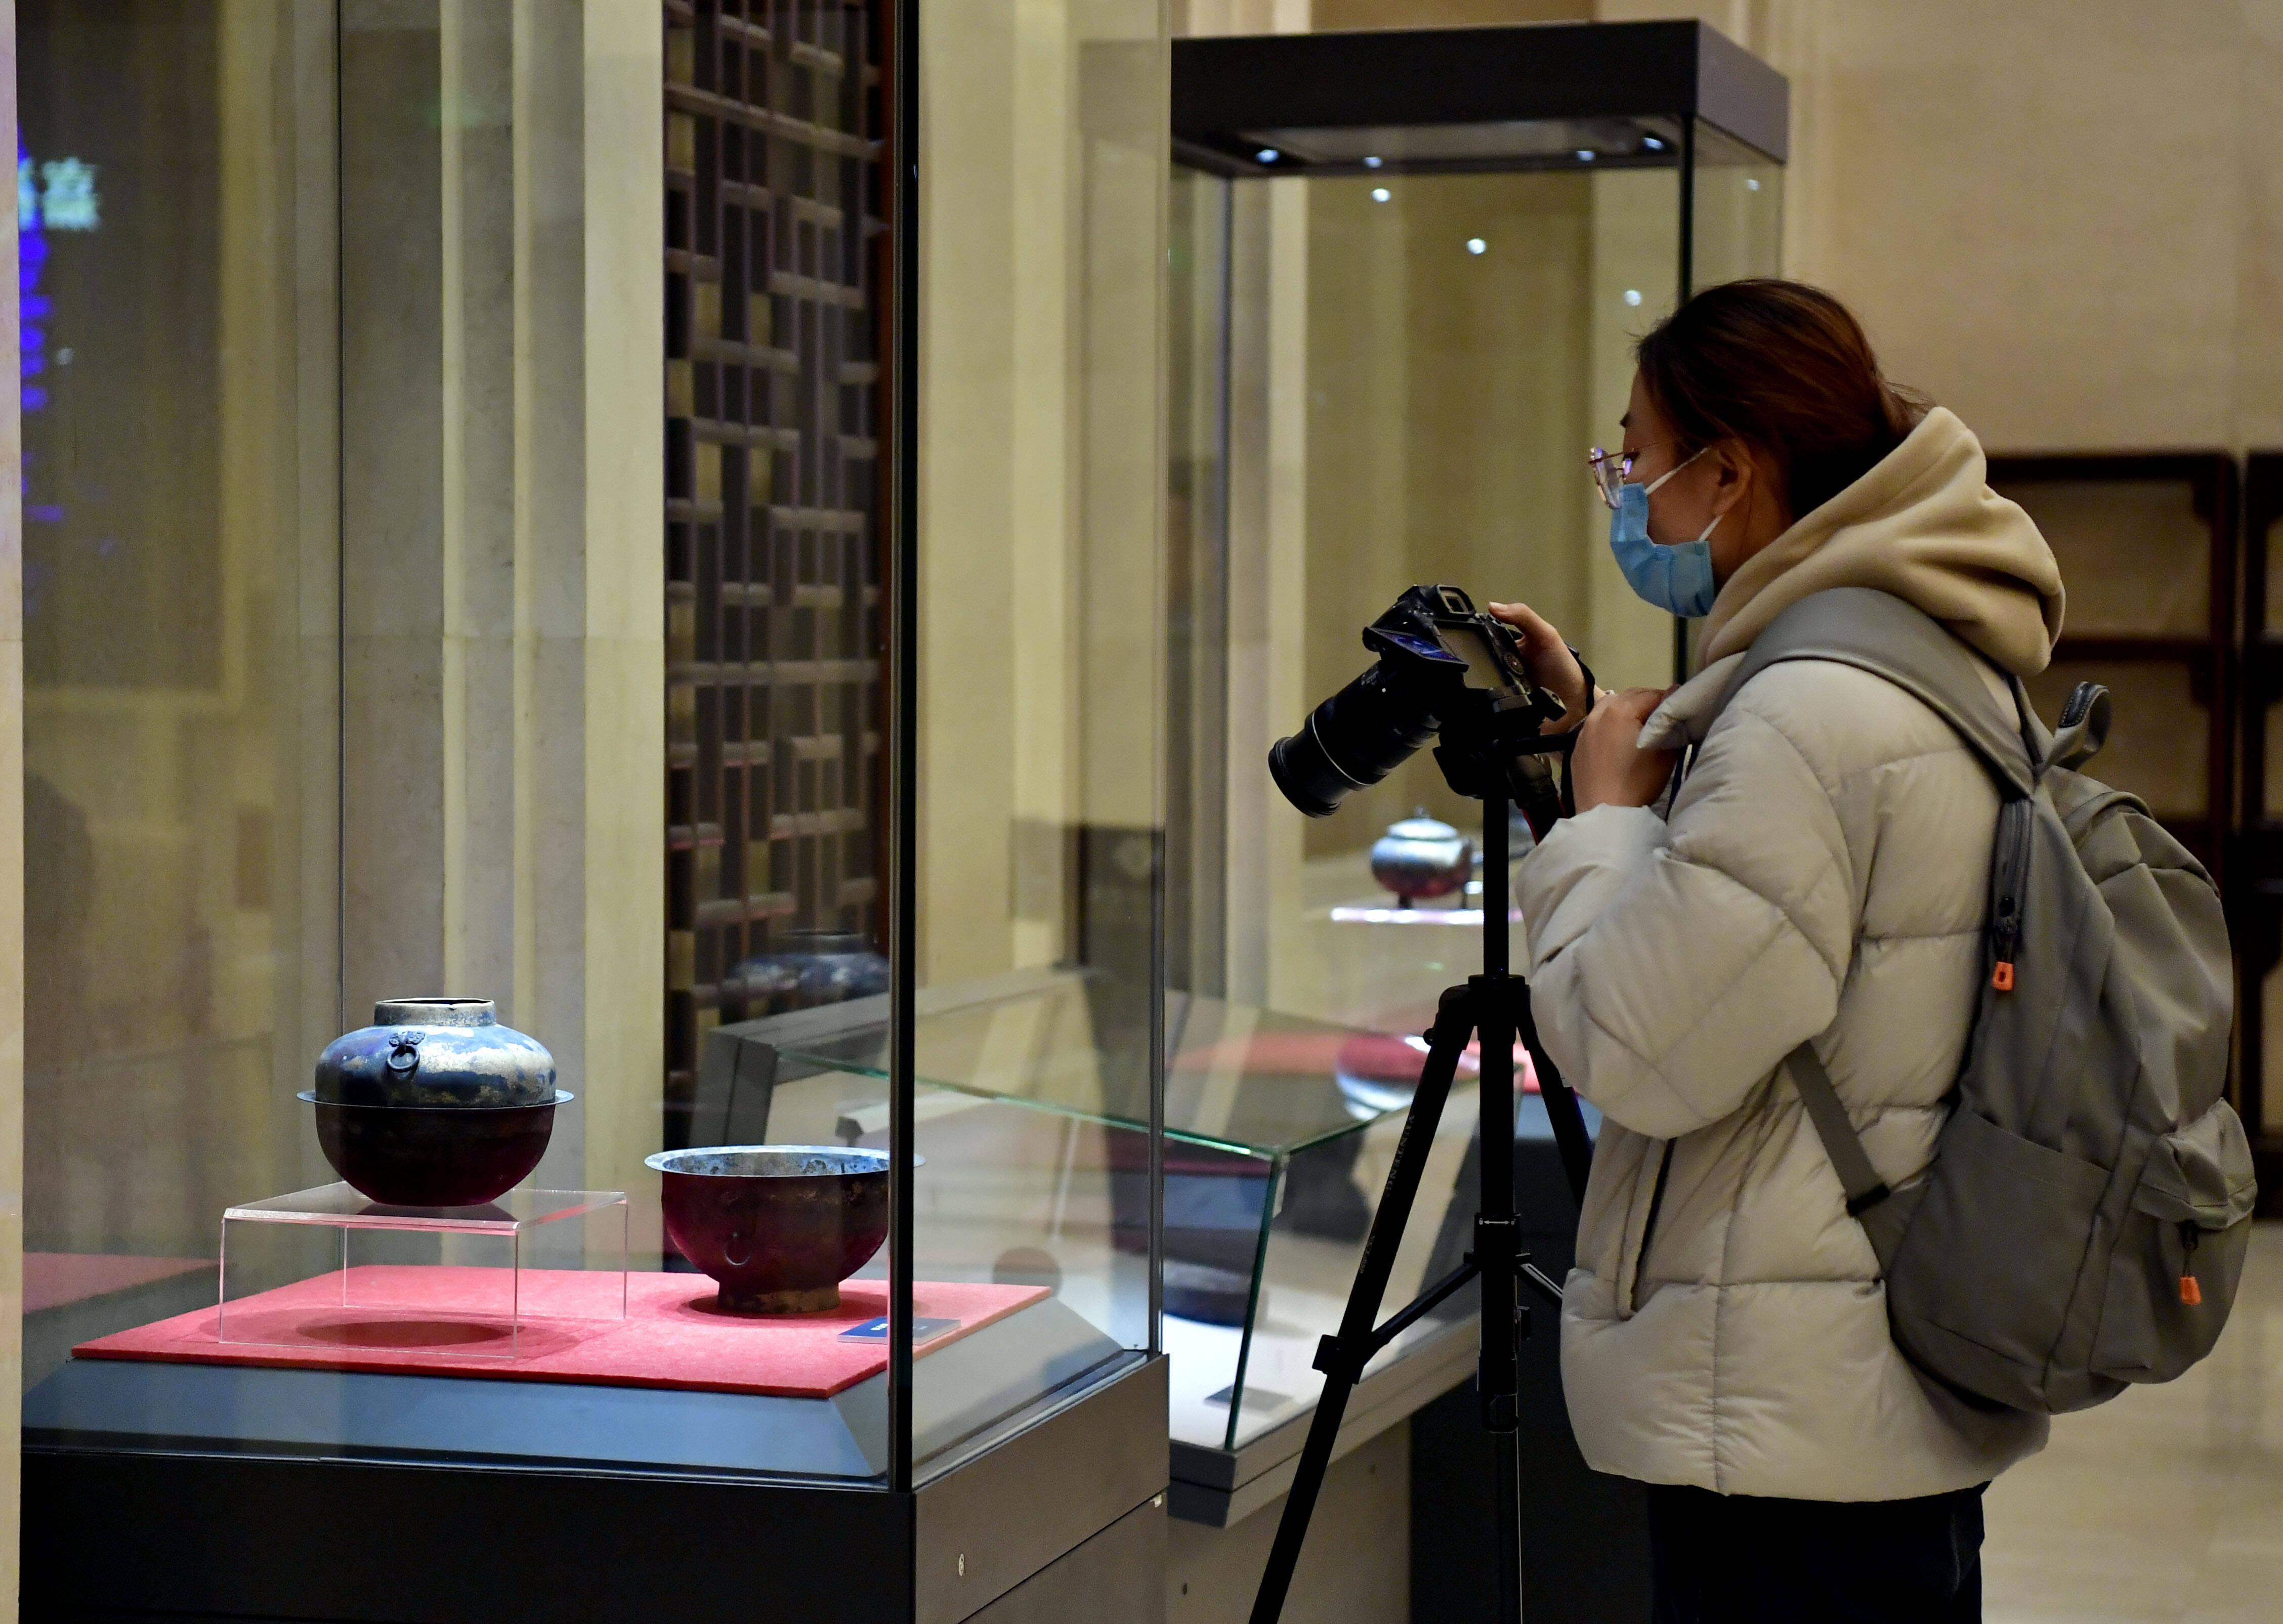 龙首错银木柲铜杖、错银虎形铜镇等49件涉案文物移交山东博物馆